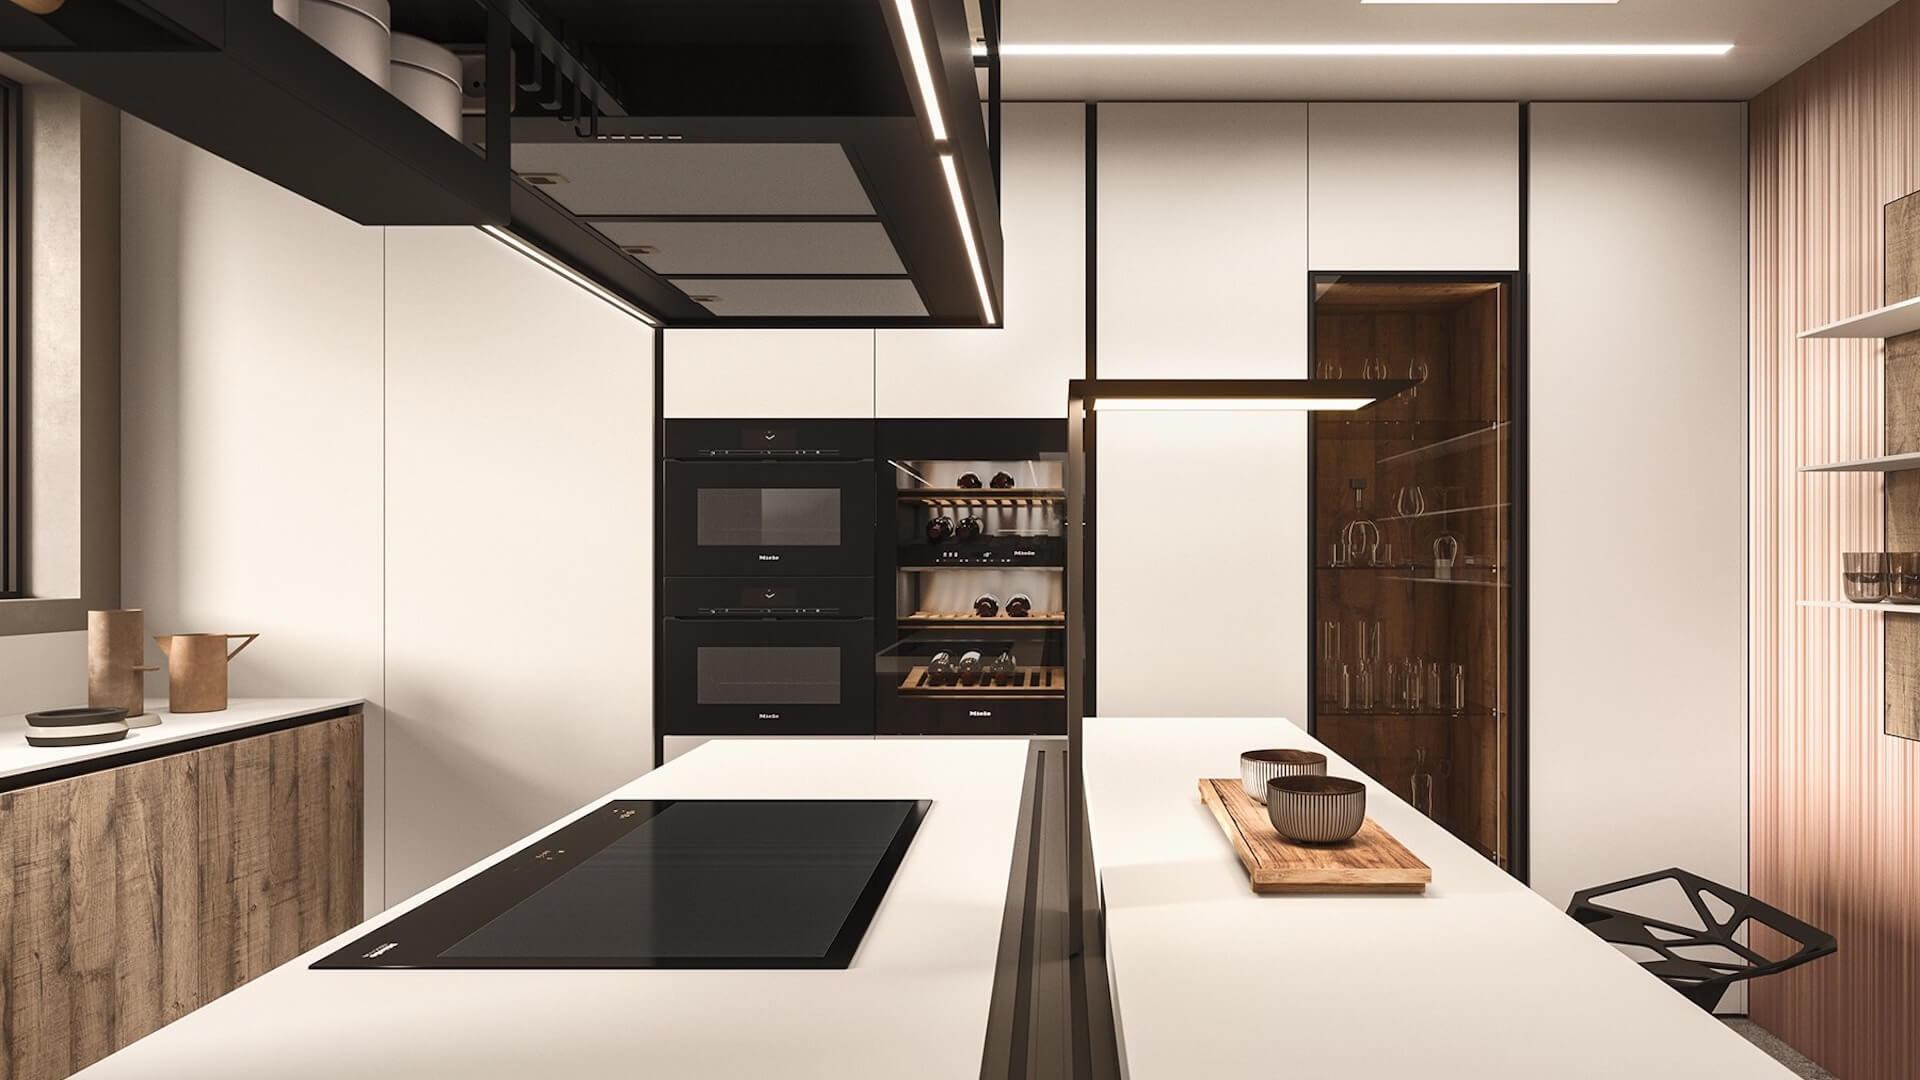 c-Cucine_Industrial_6